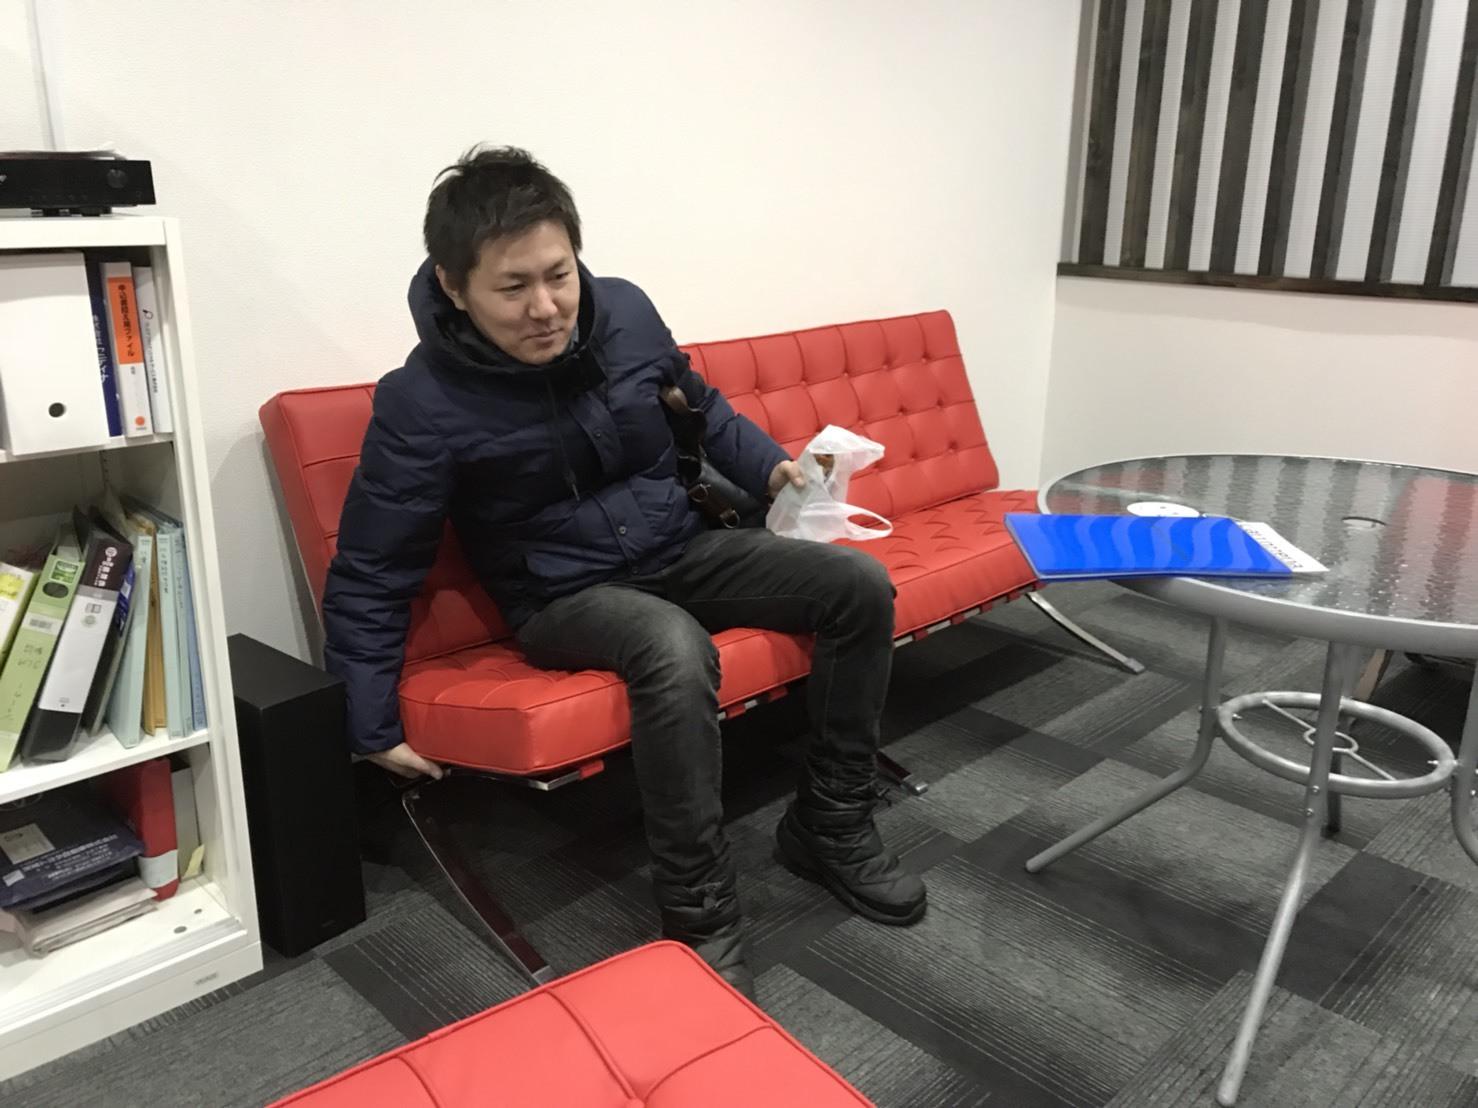 2月22日(木)トミーベース カスタムブログ☆LX570 ランクル200 WALDコンプリート☆カスタム受付中☆_b0127002_10521273.jpg